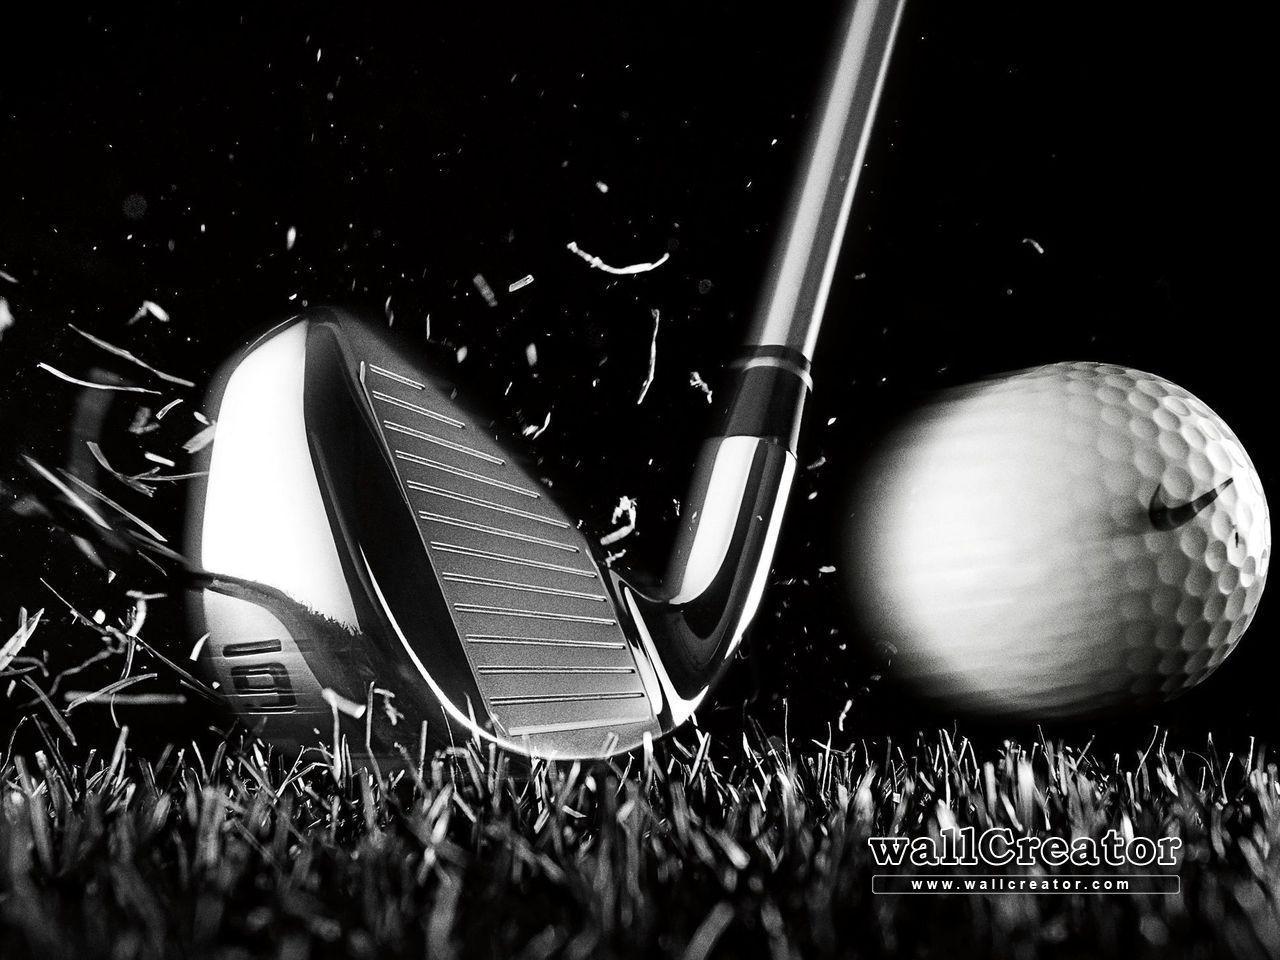 cool ball golf wallpaper - photo #27